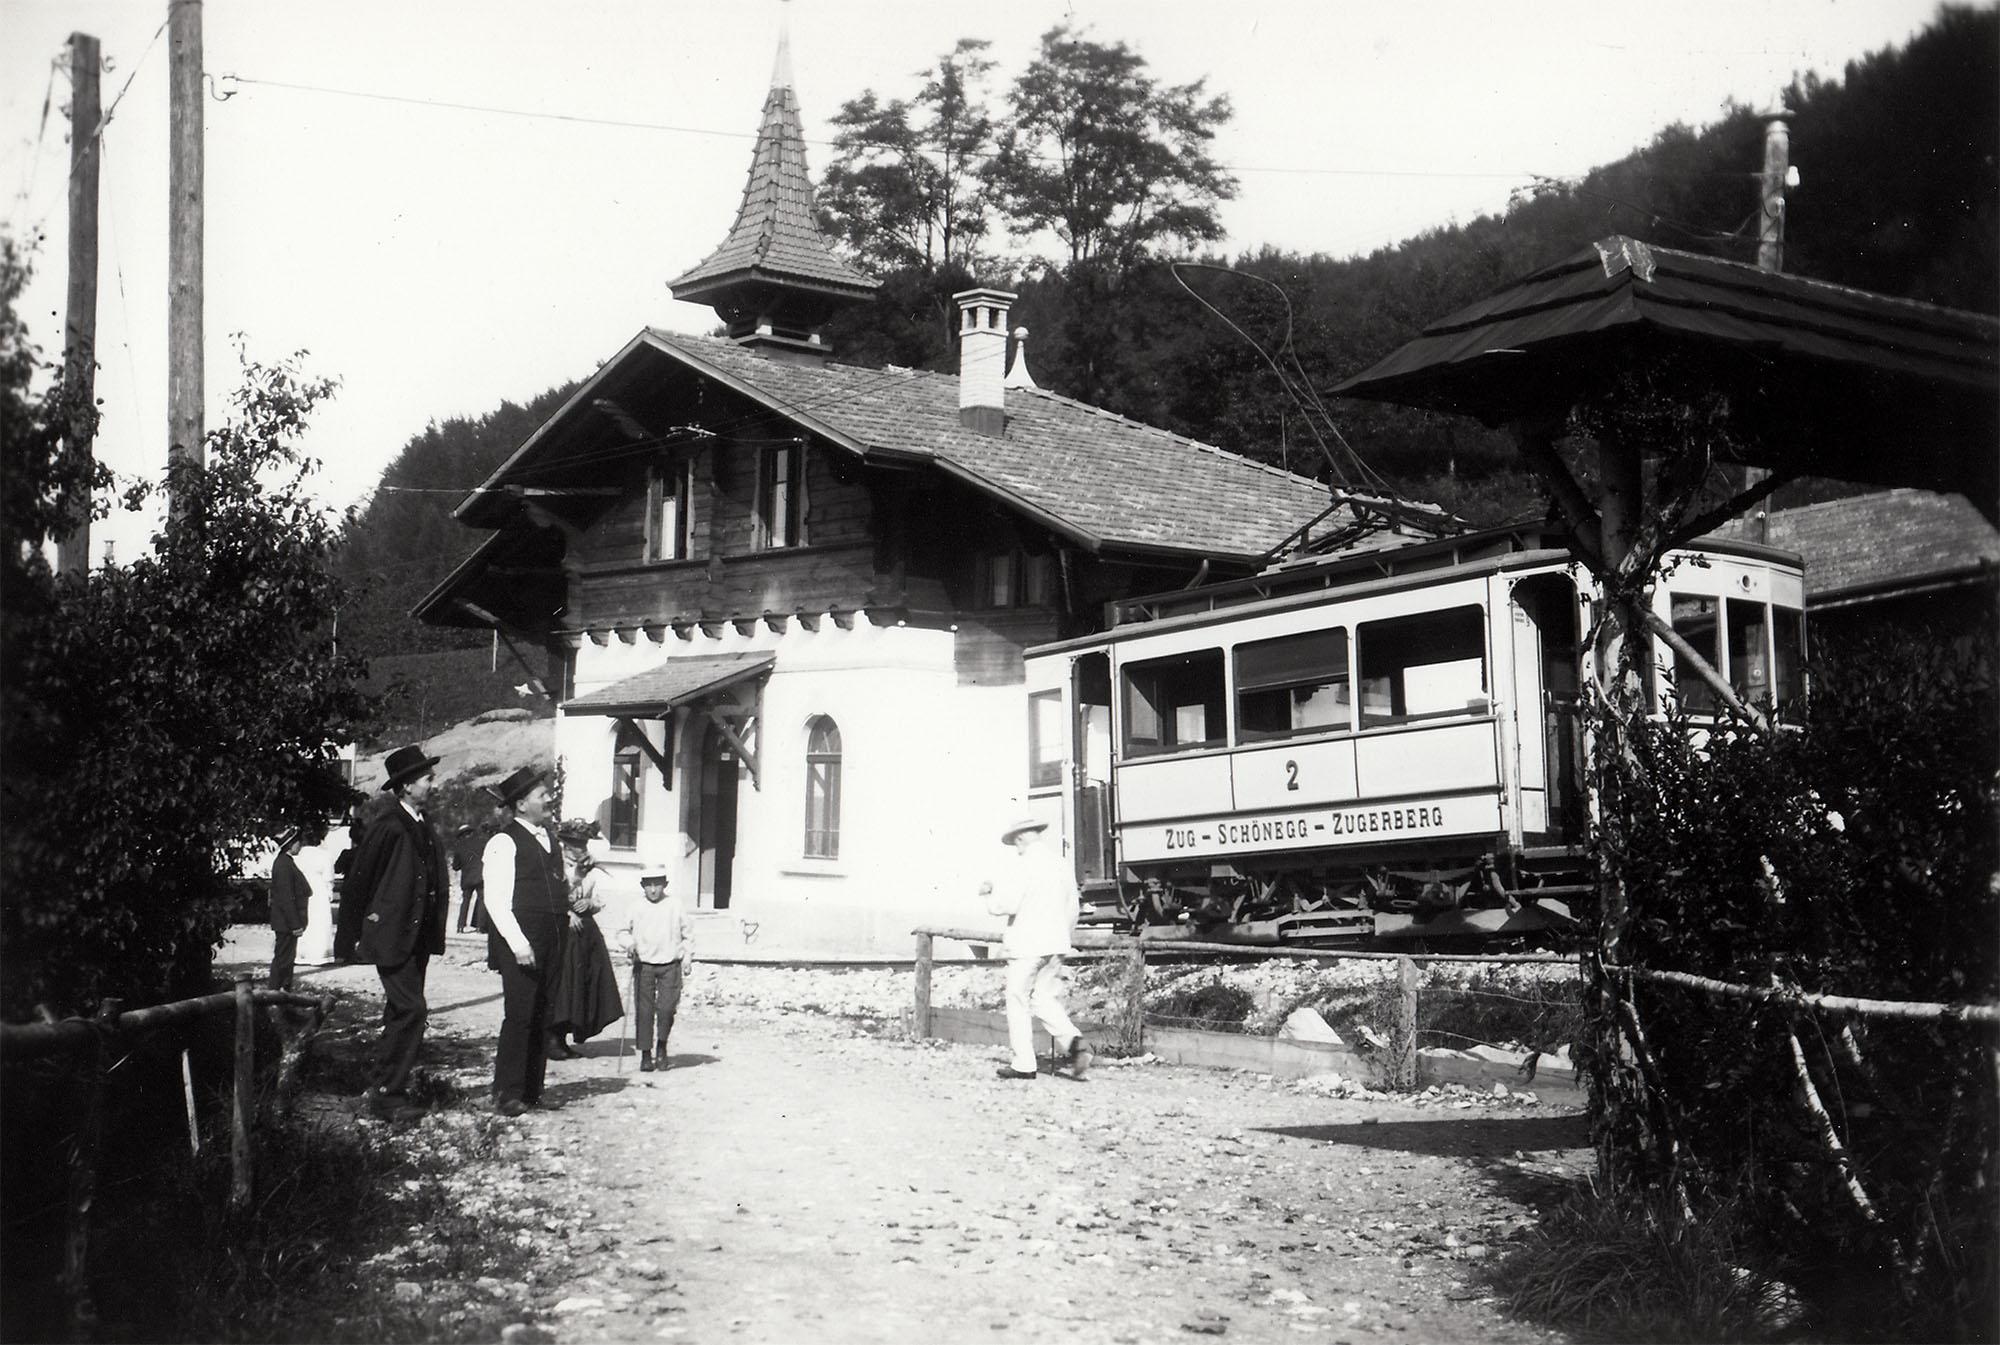 Talstation Schönegg